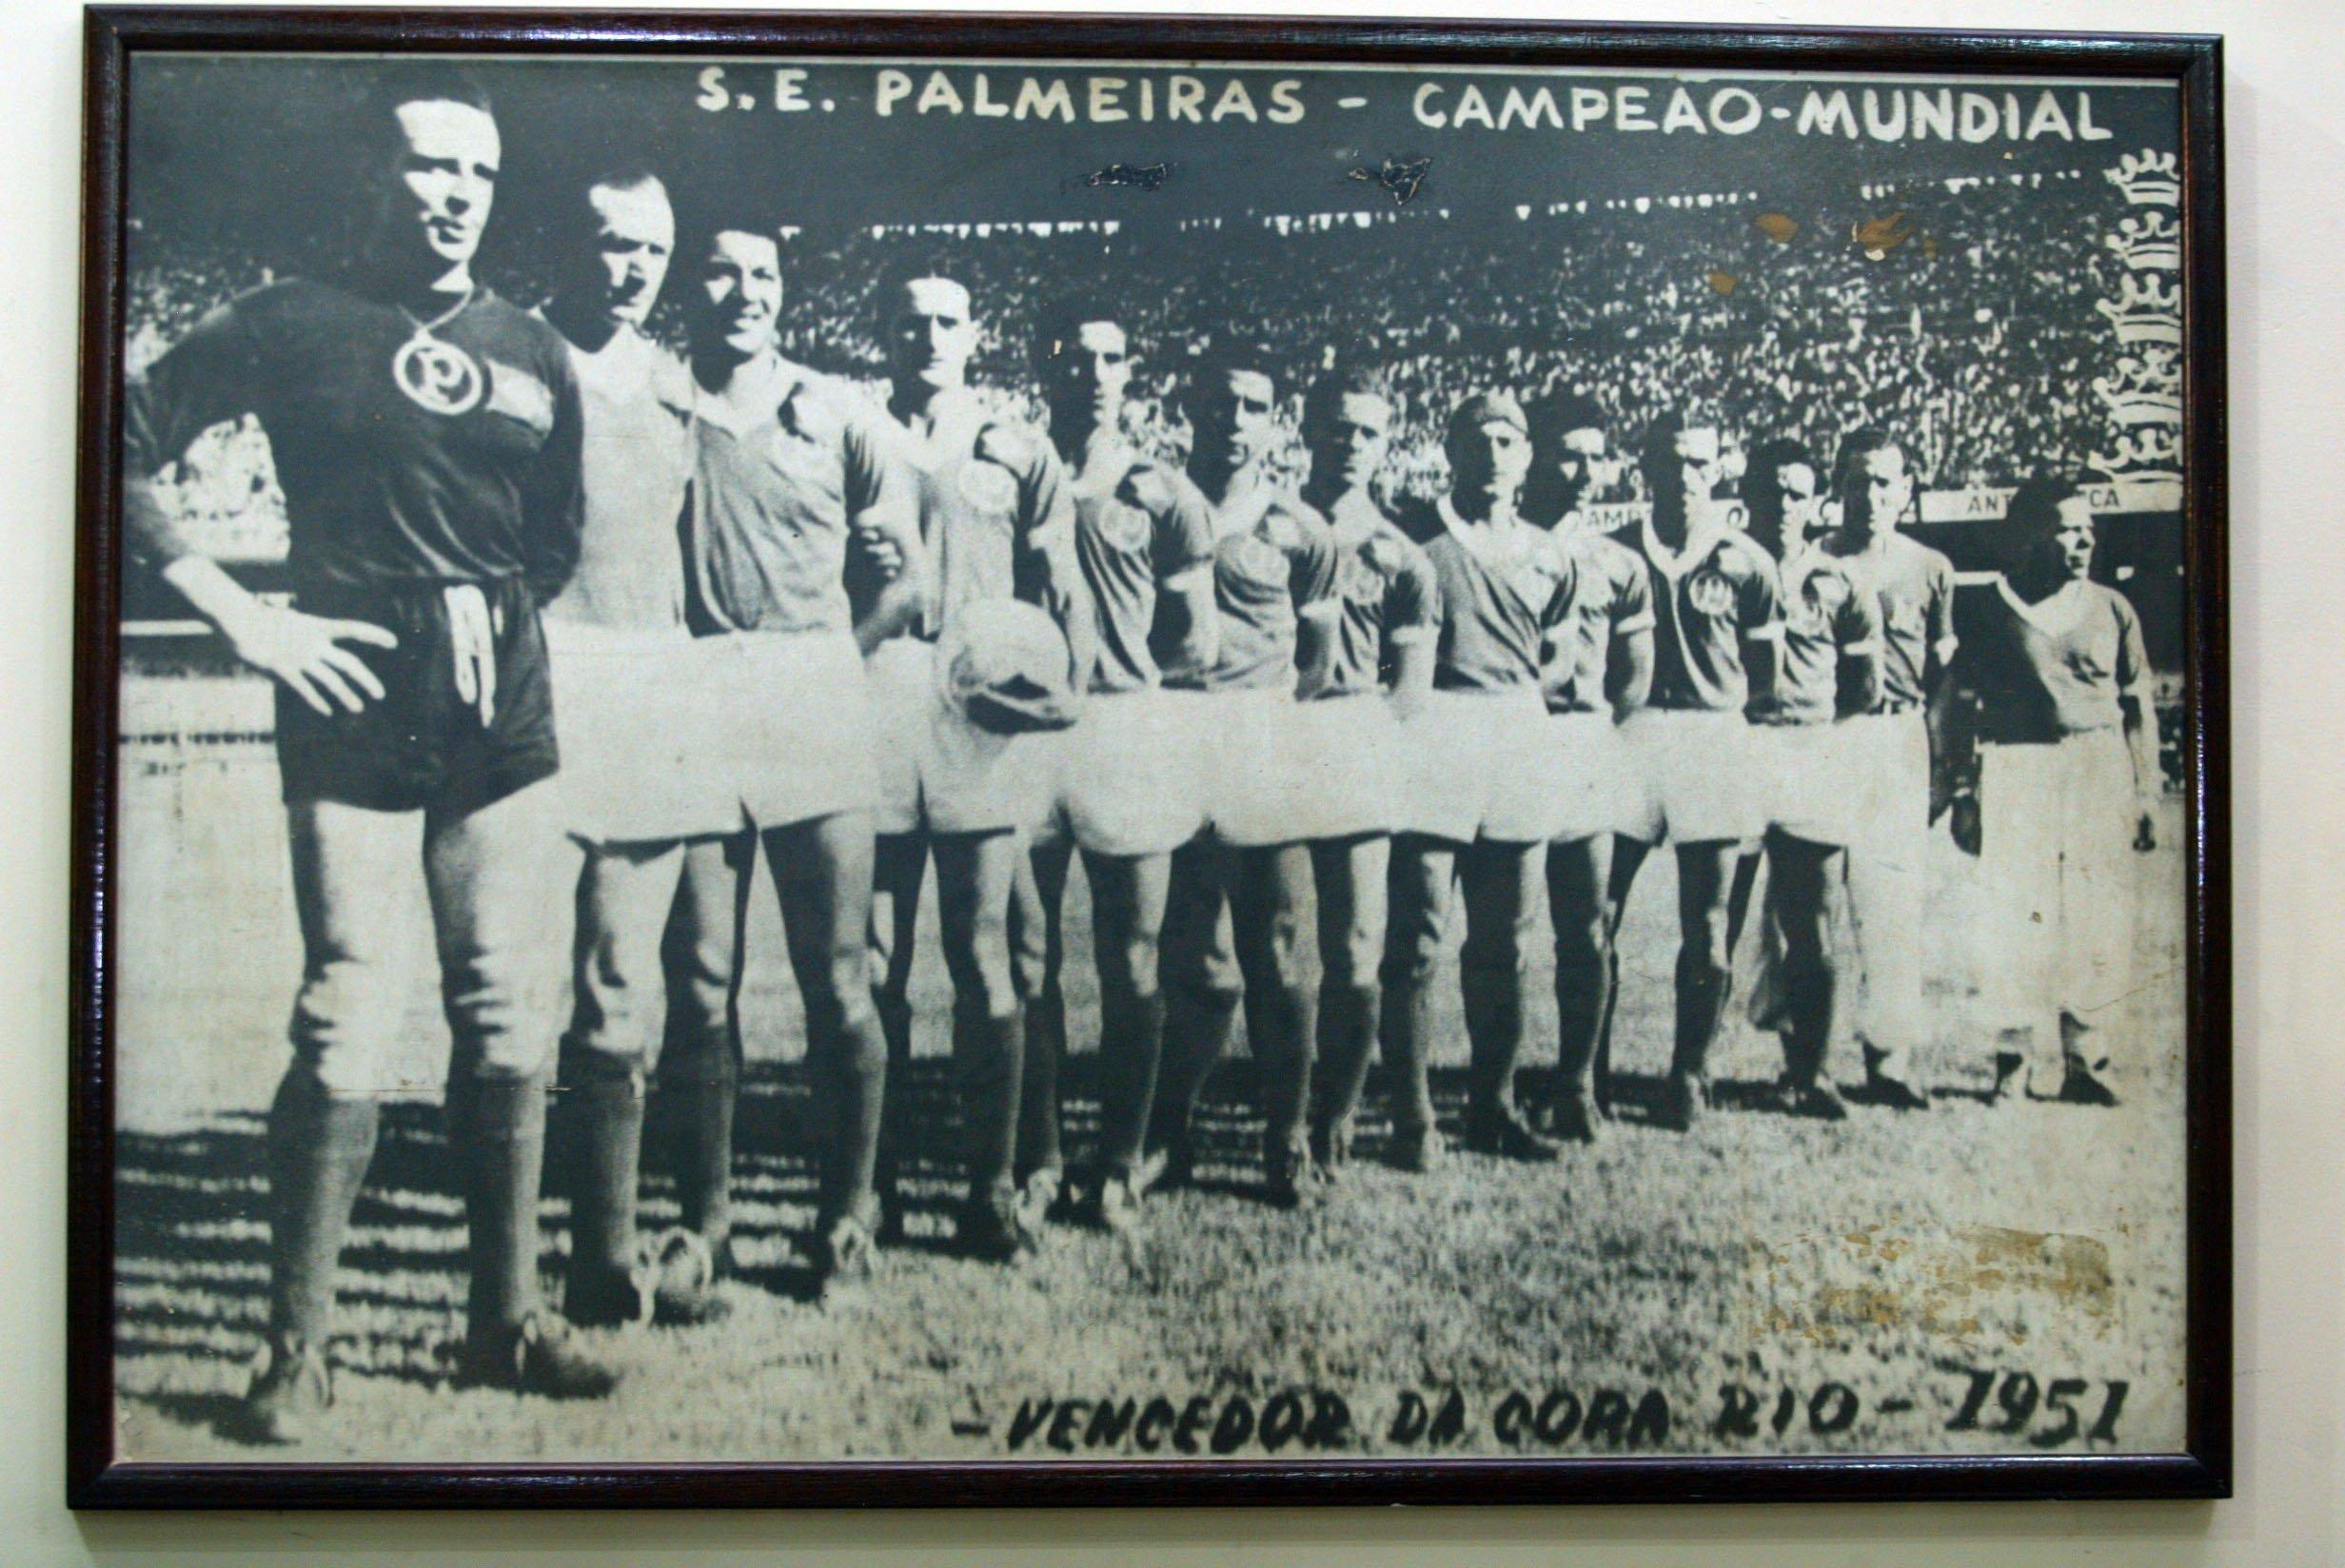 Palmeiras nao tem mundial - 3 part 5